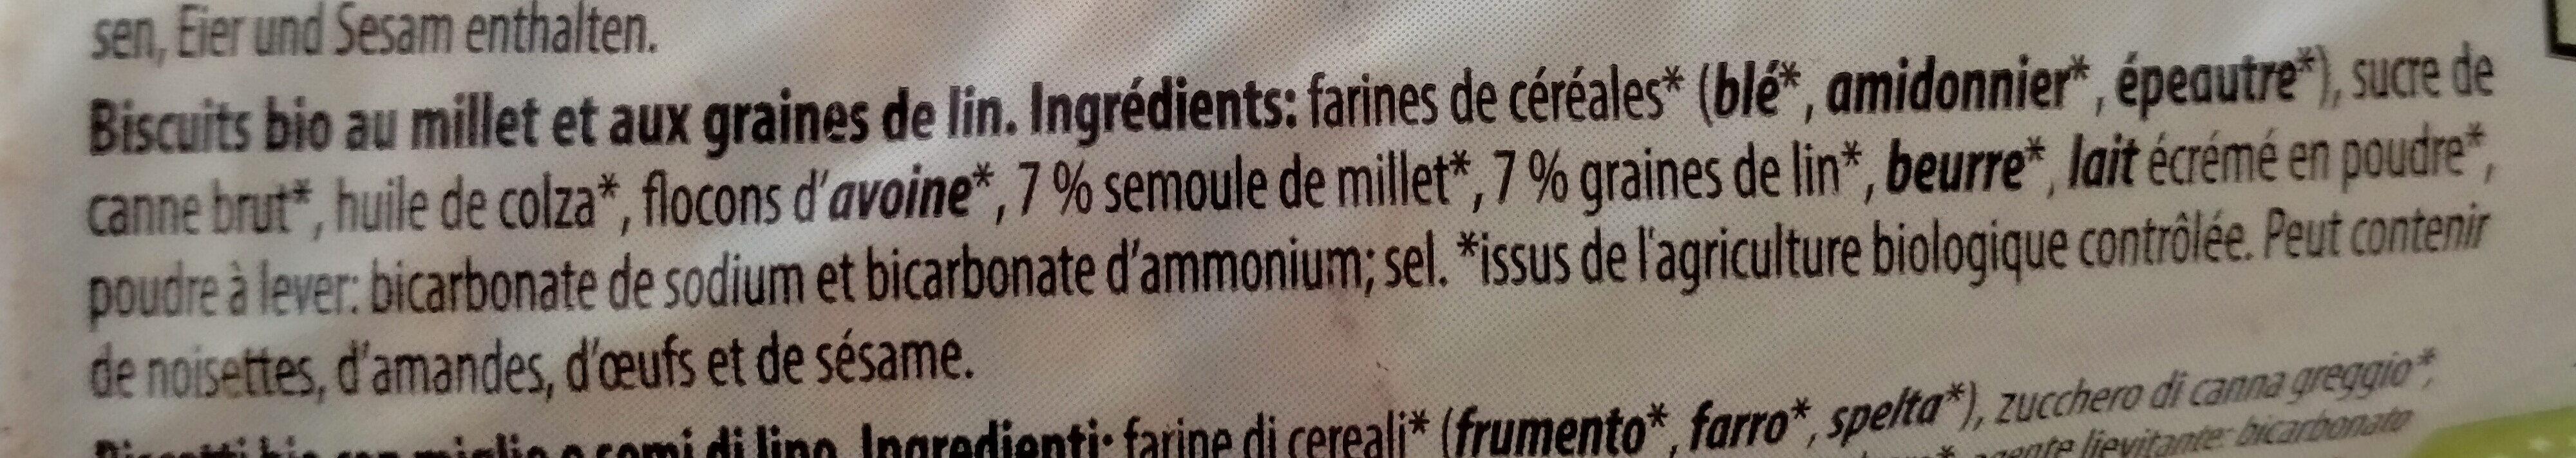 Biscuit Bio avec millet et graines de lin - Ingredients - fr